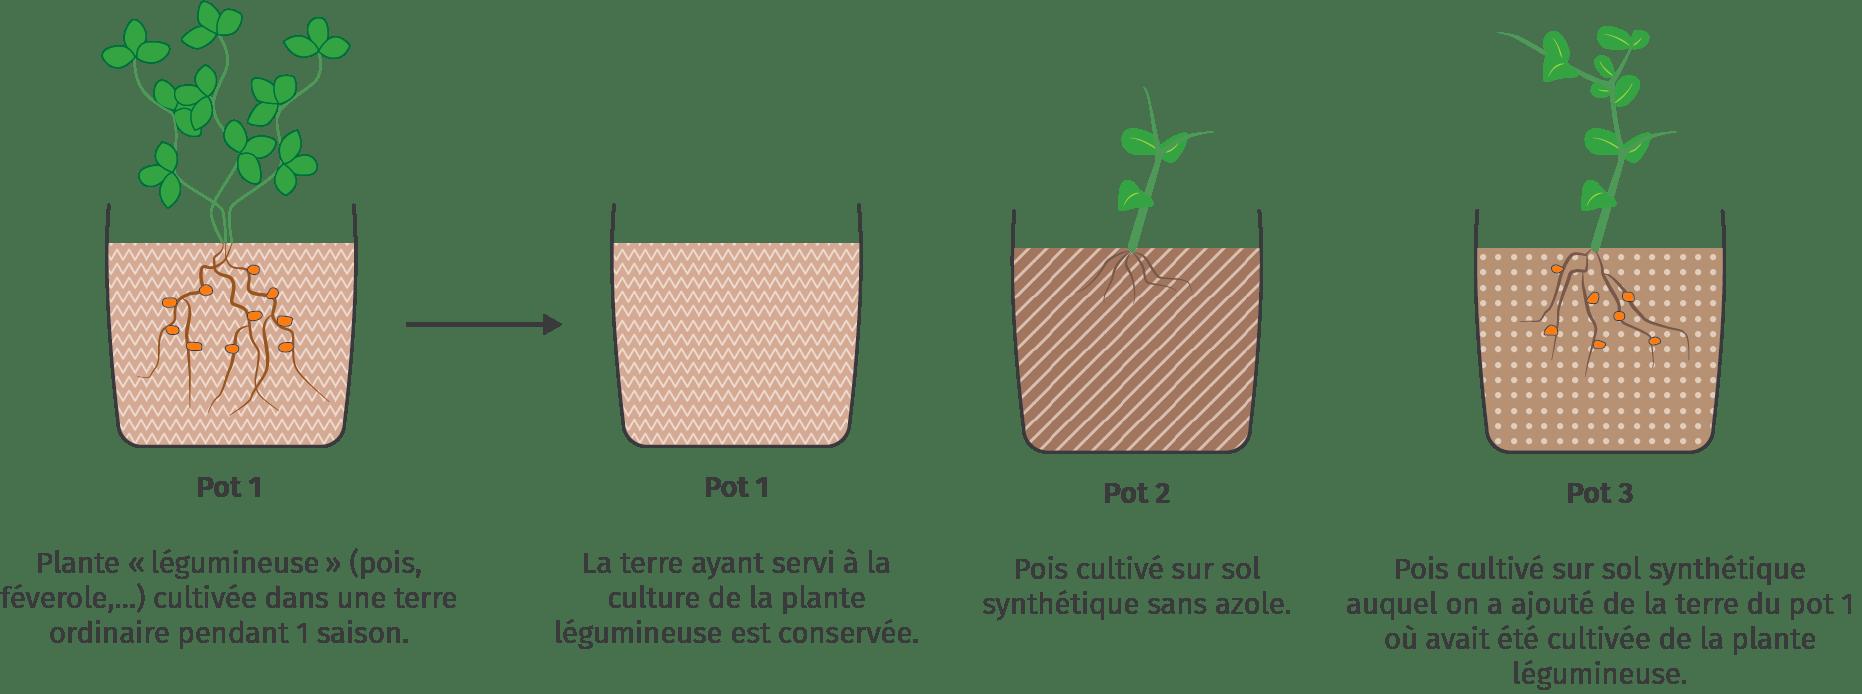 Le semis de légumineuses et l'apport en azote